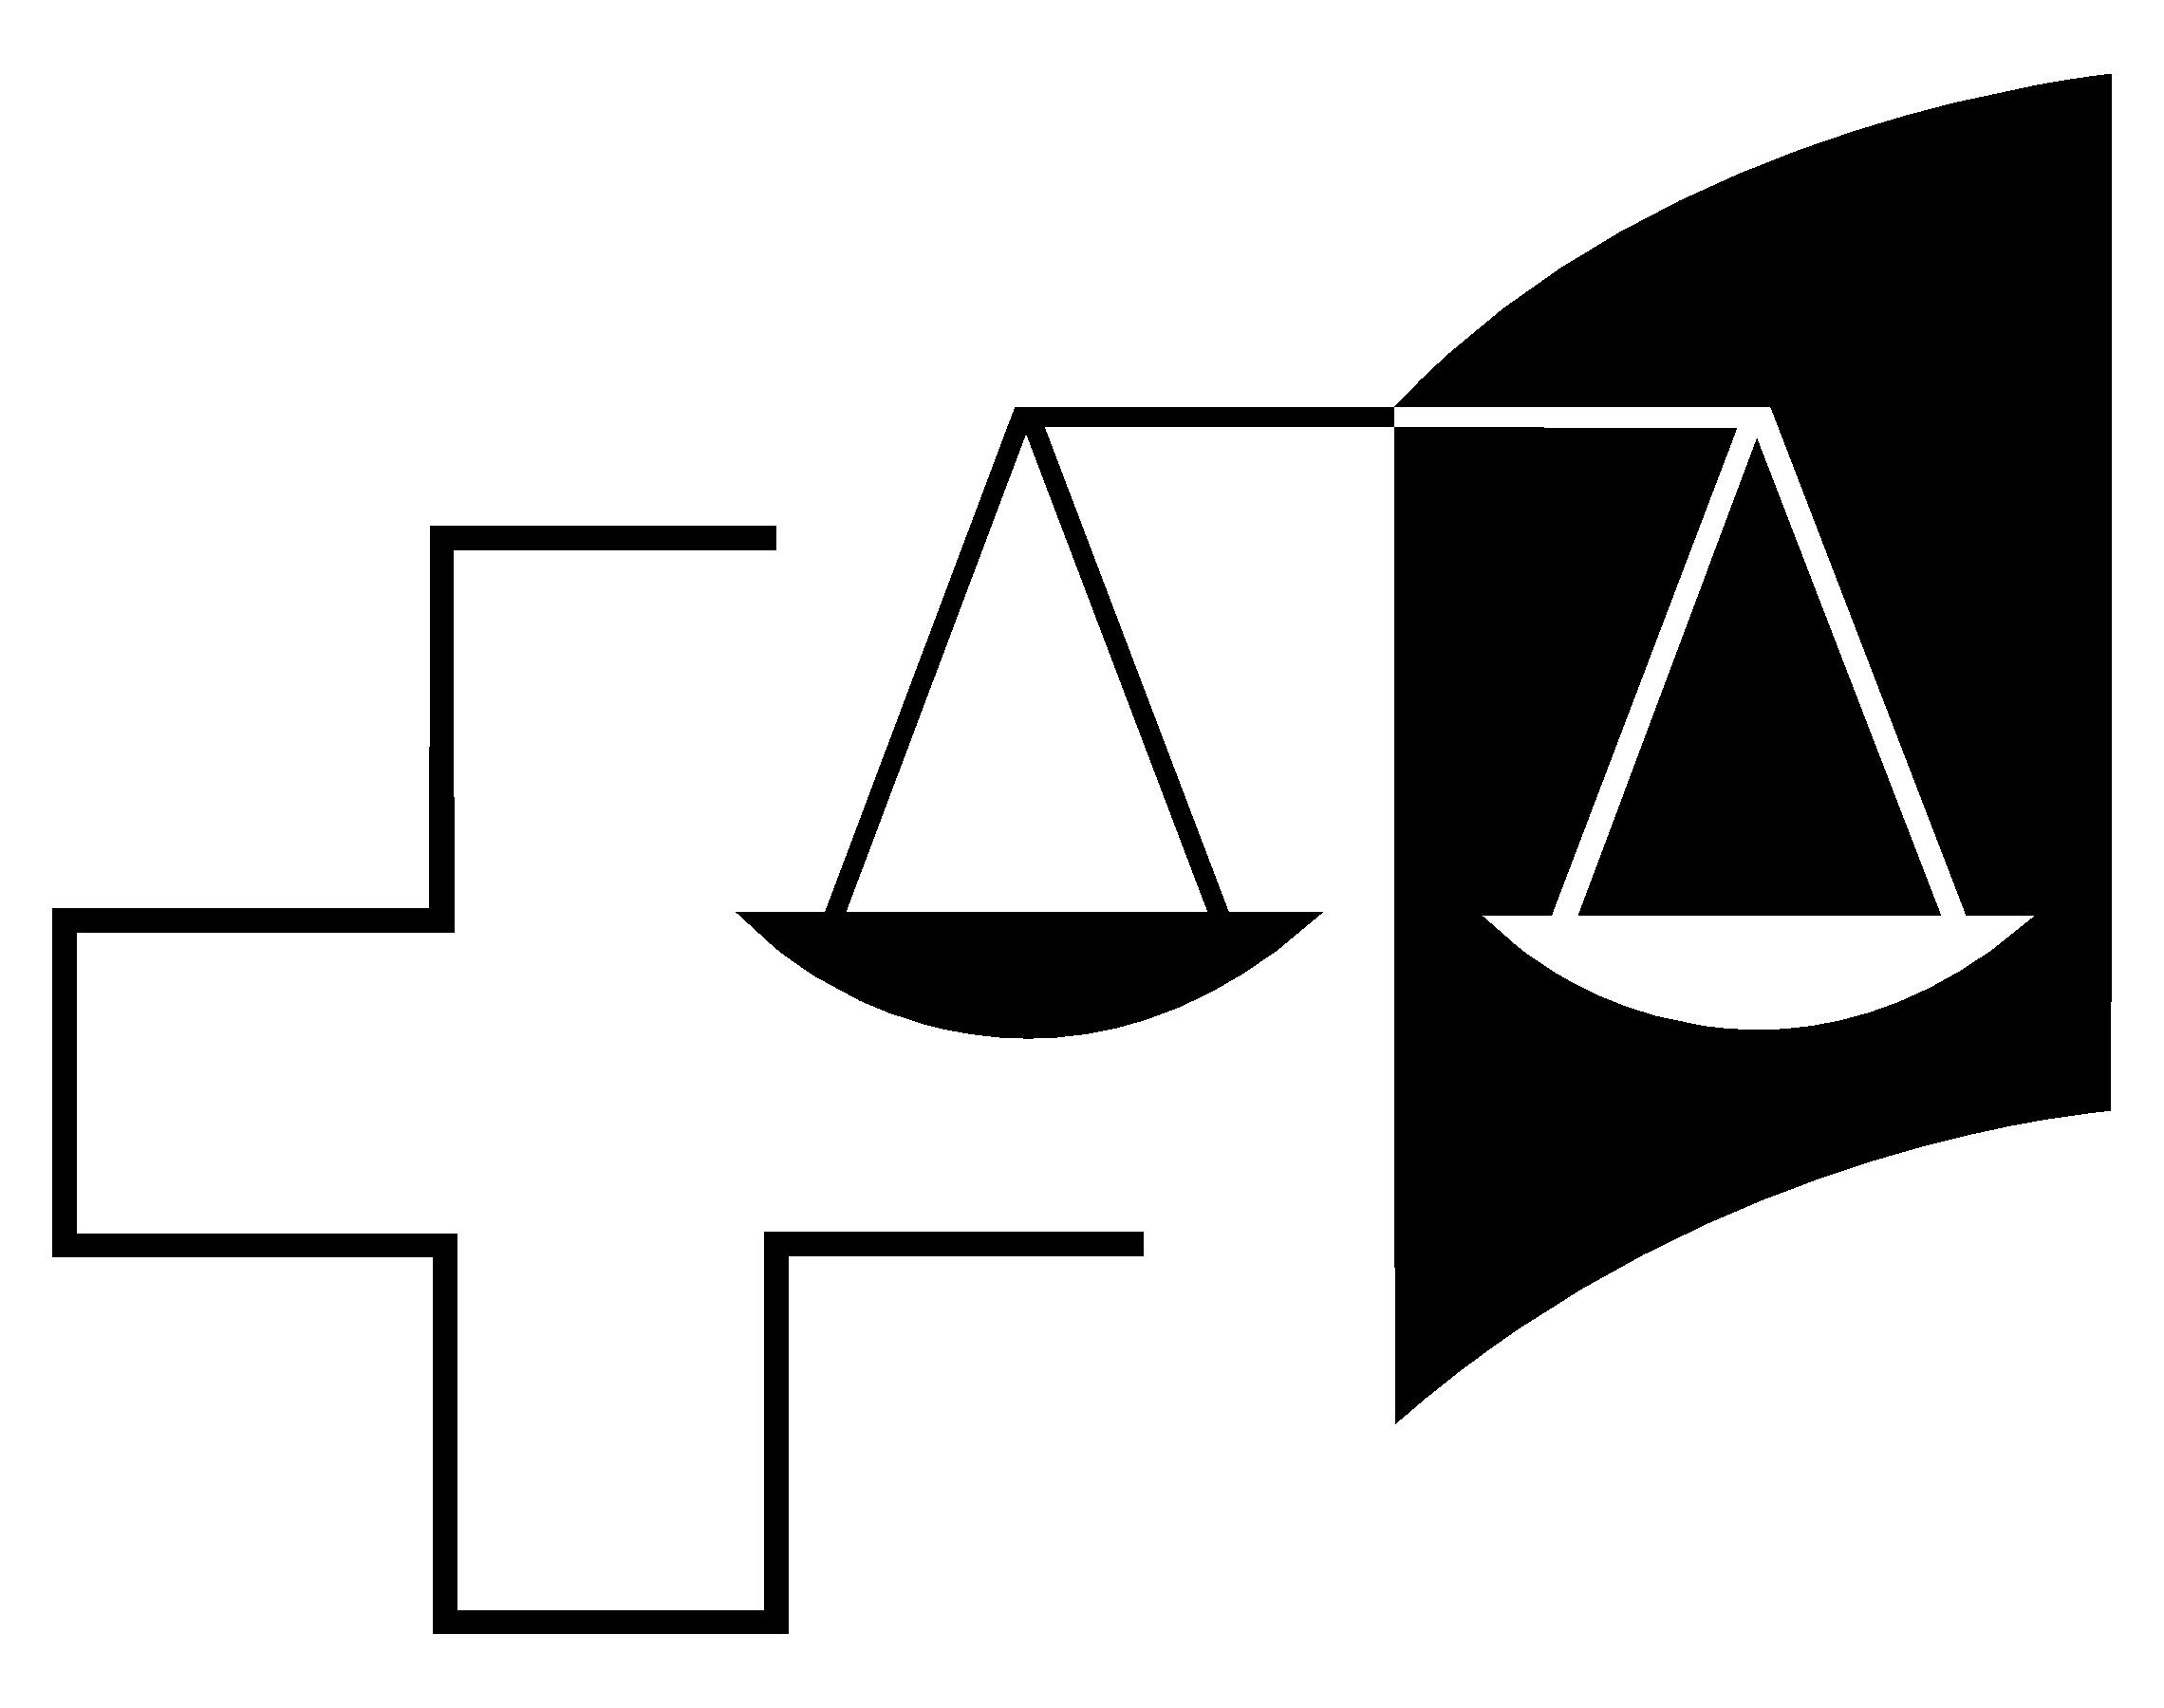 5A_910/2019 01.03.2021 - Tribunal fédéral